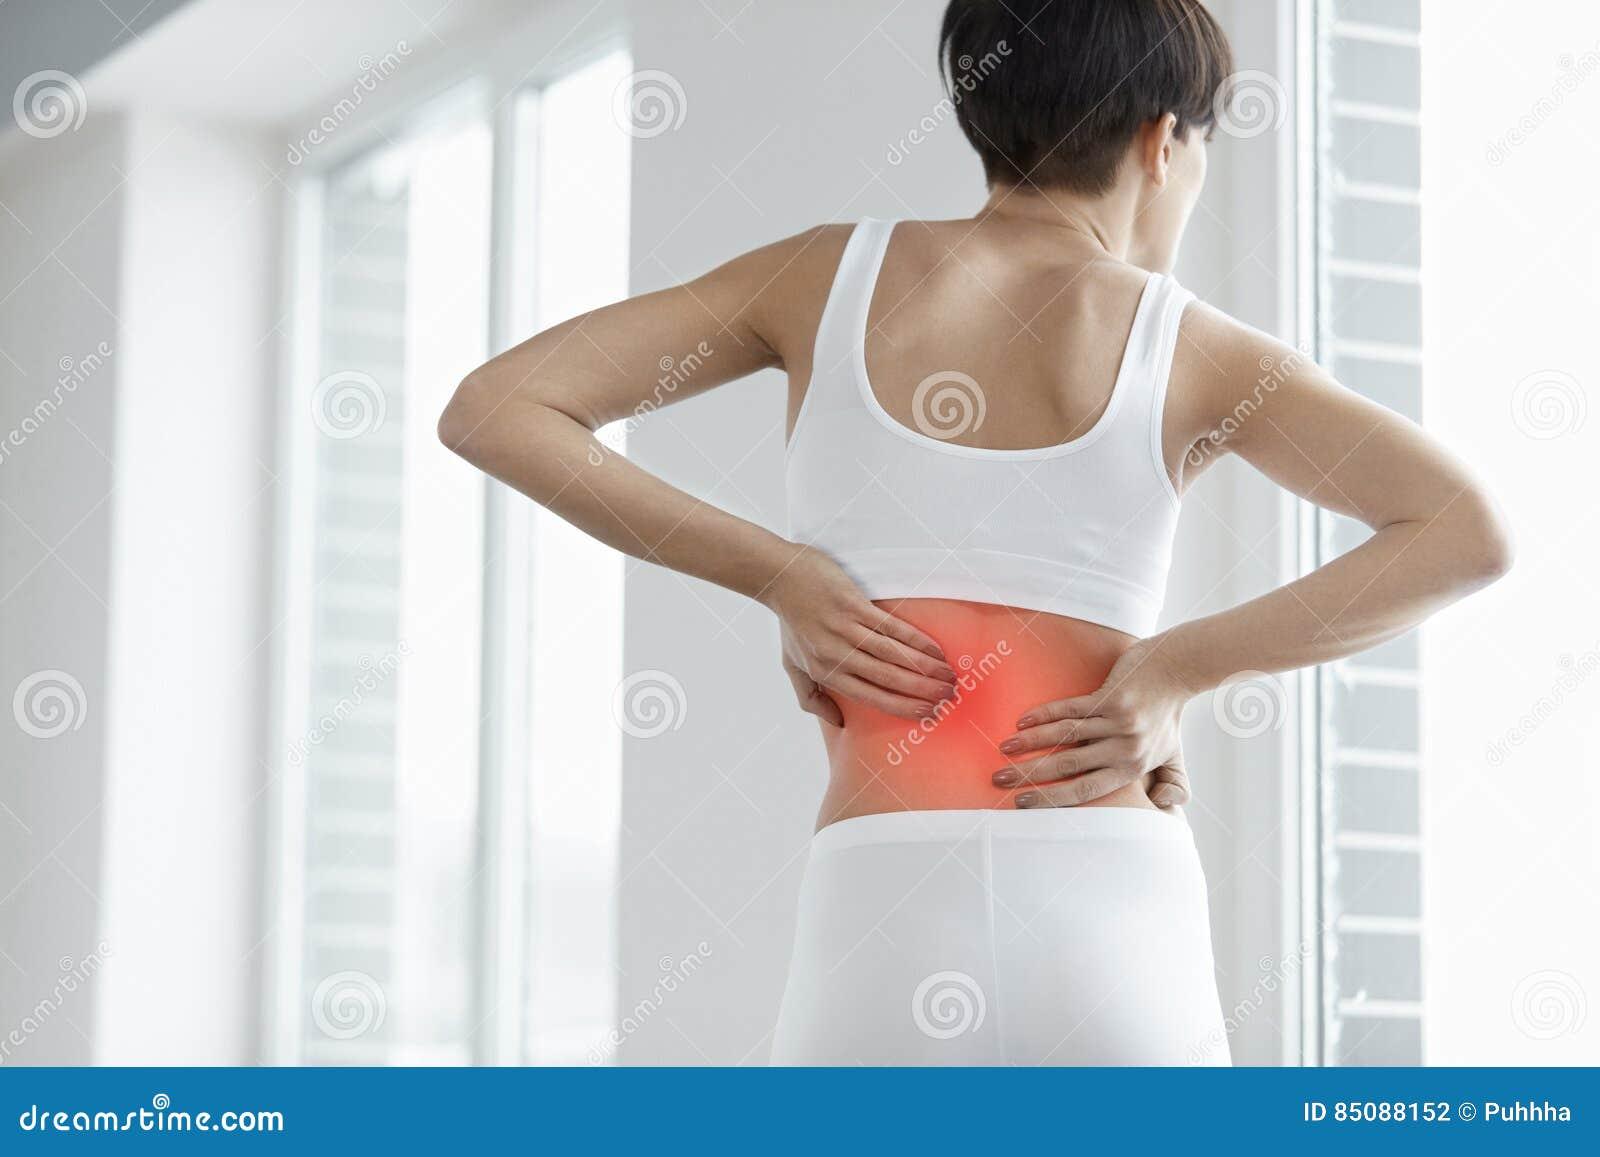 Gedeeltelijk desaturated beeld van gespannen mannelijke rug Close-up van Vrouwenlichaam met Pijn in Rug, Rugpijn